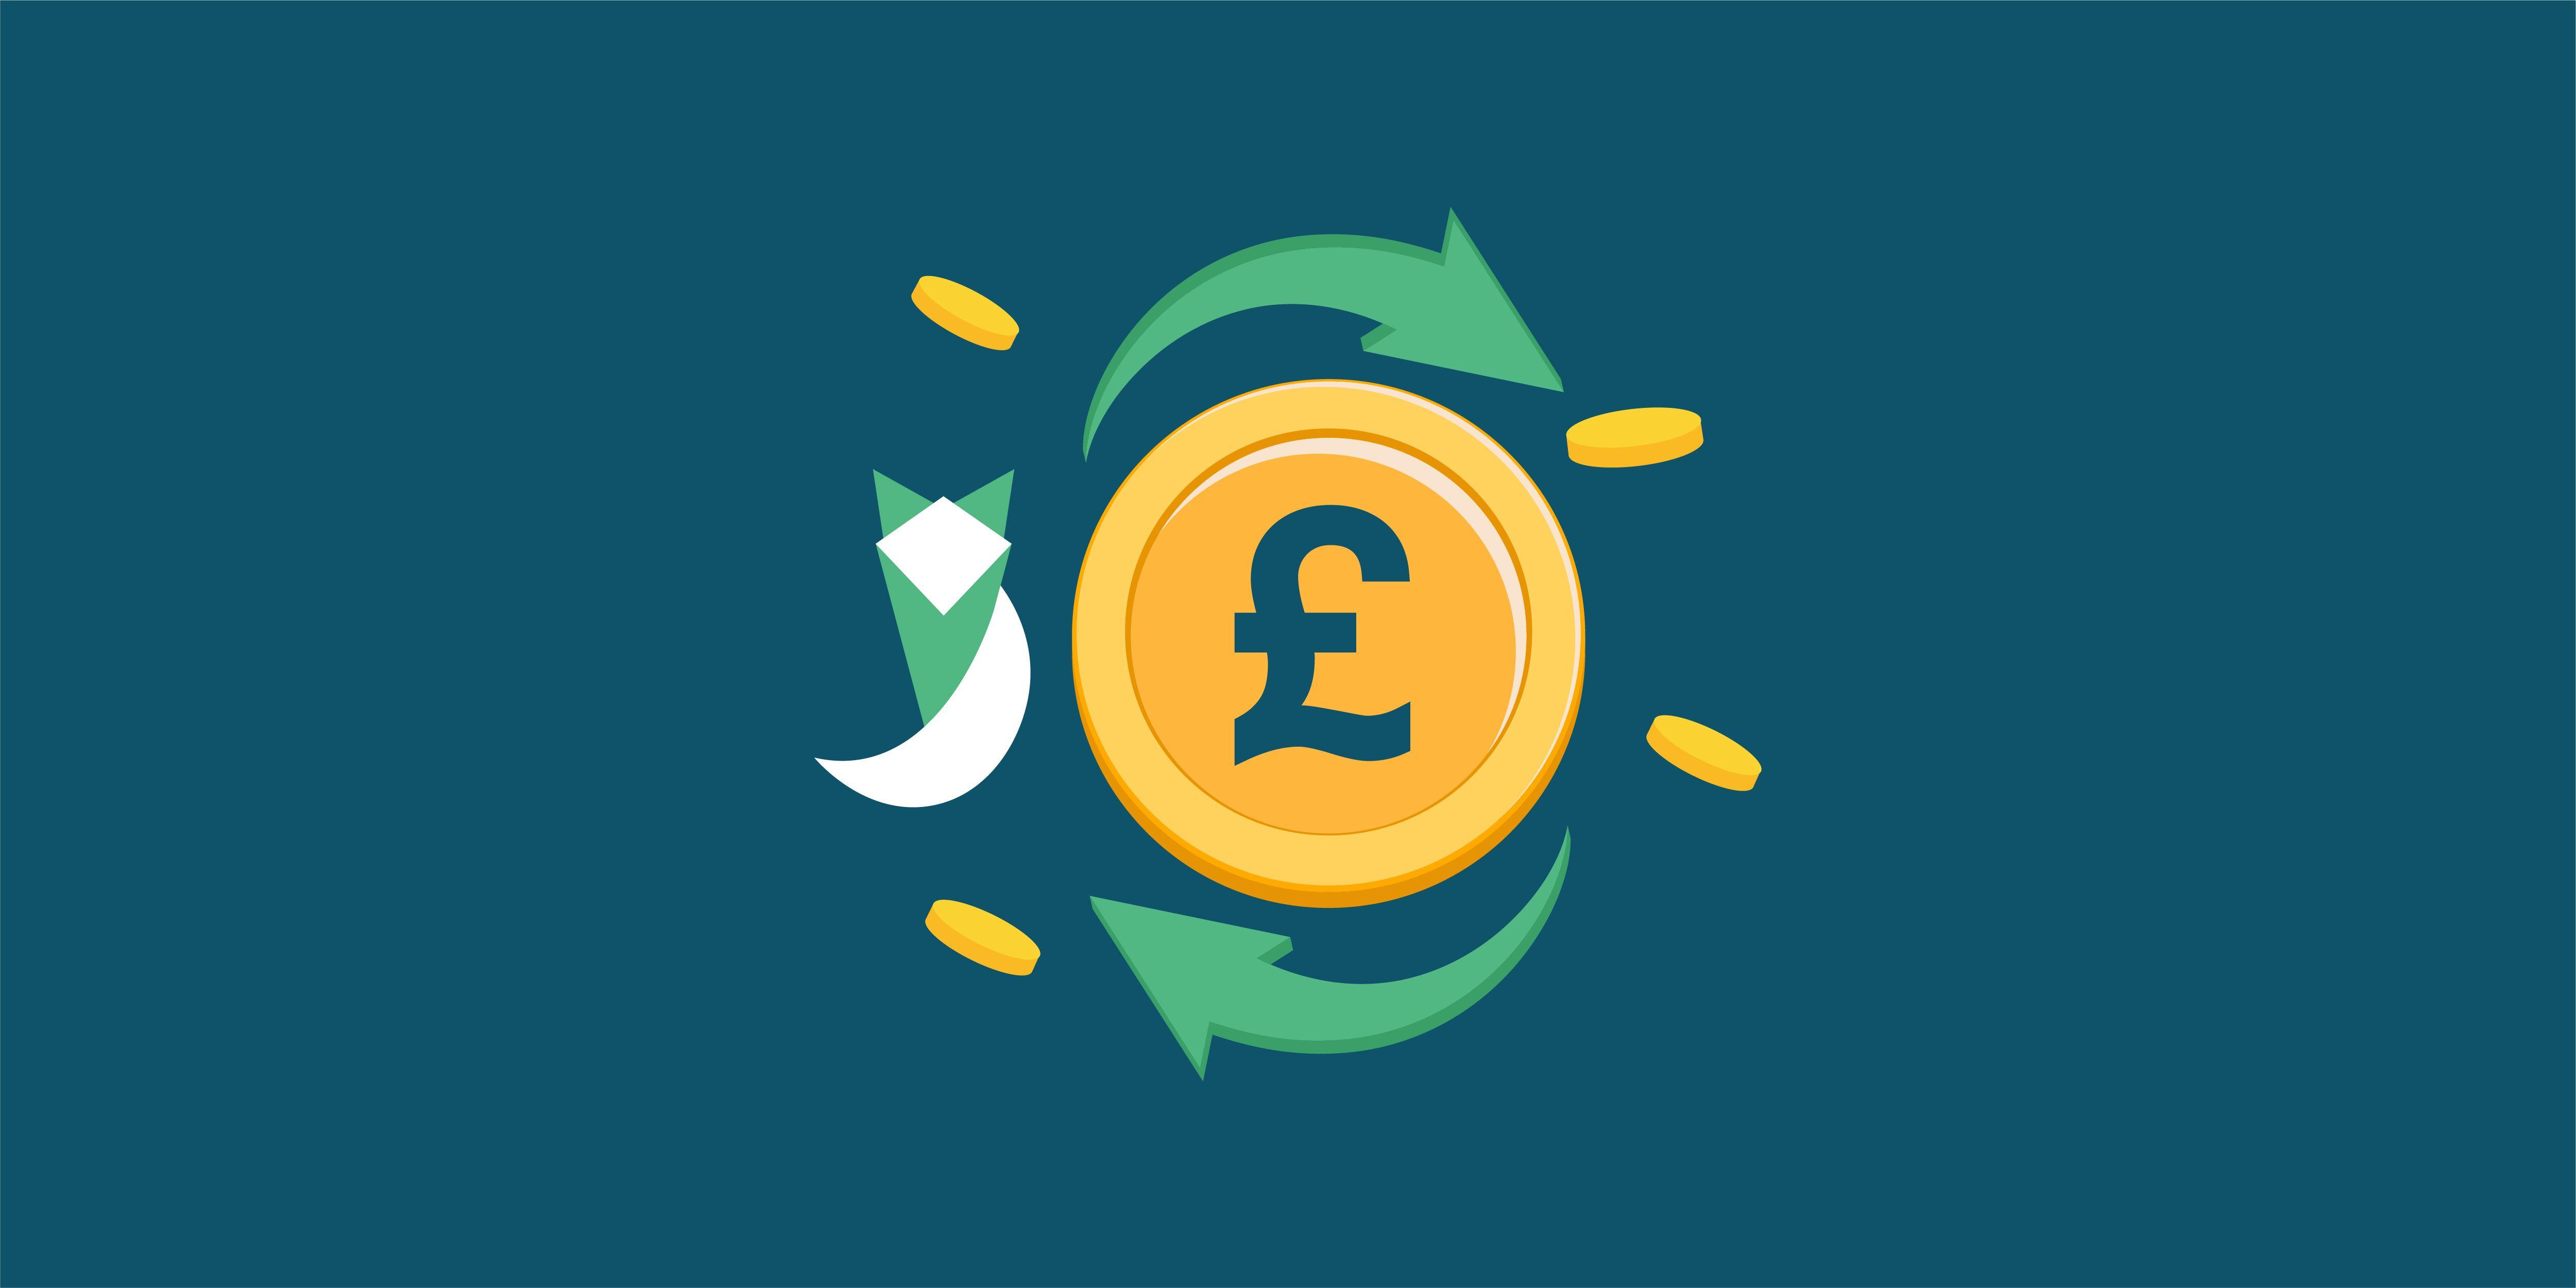 سعر الجنيه الاسترليني في البنوك المصرية اليوم 15 سبتمبر 2021